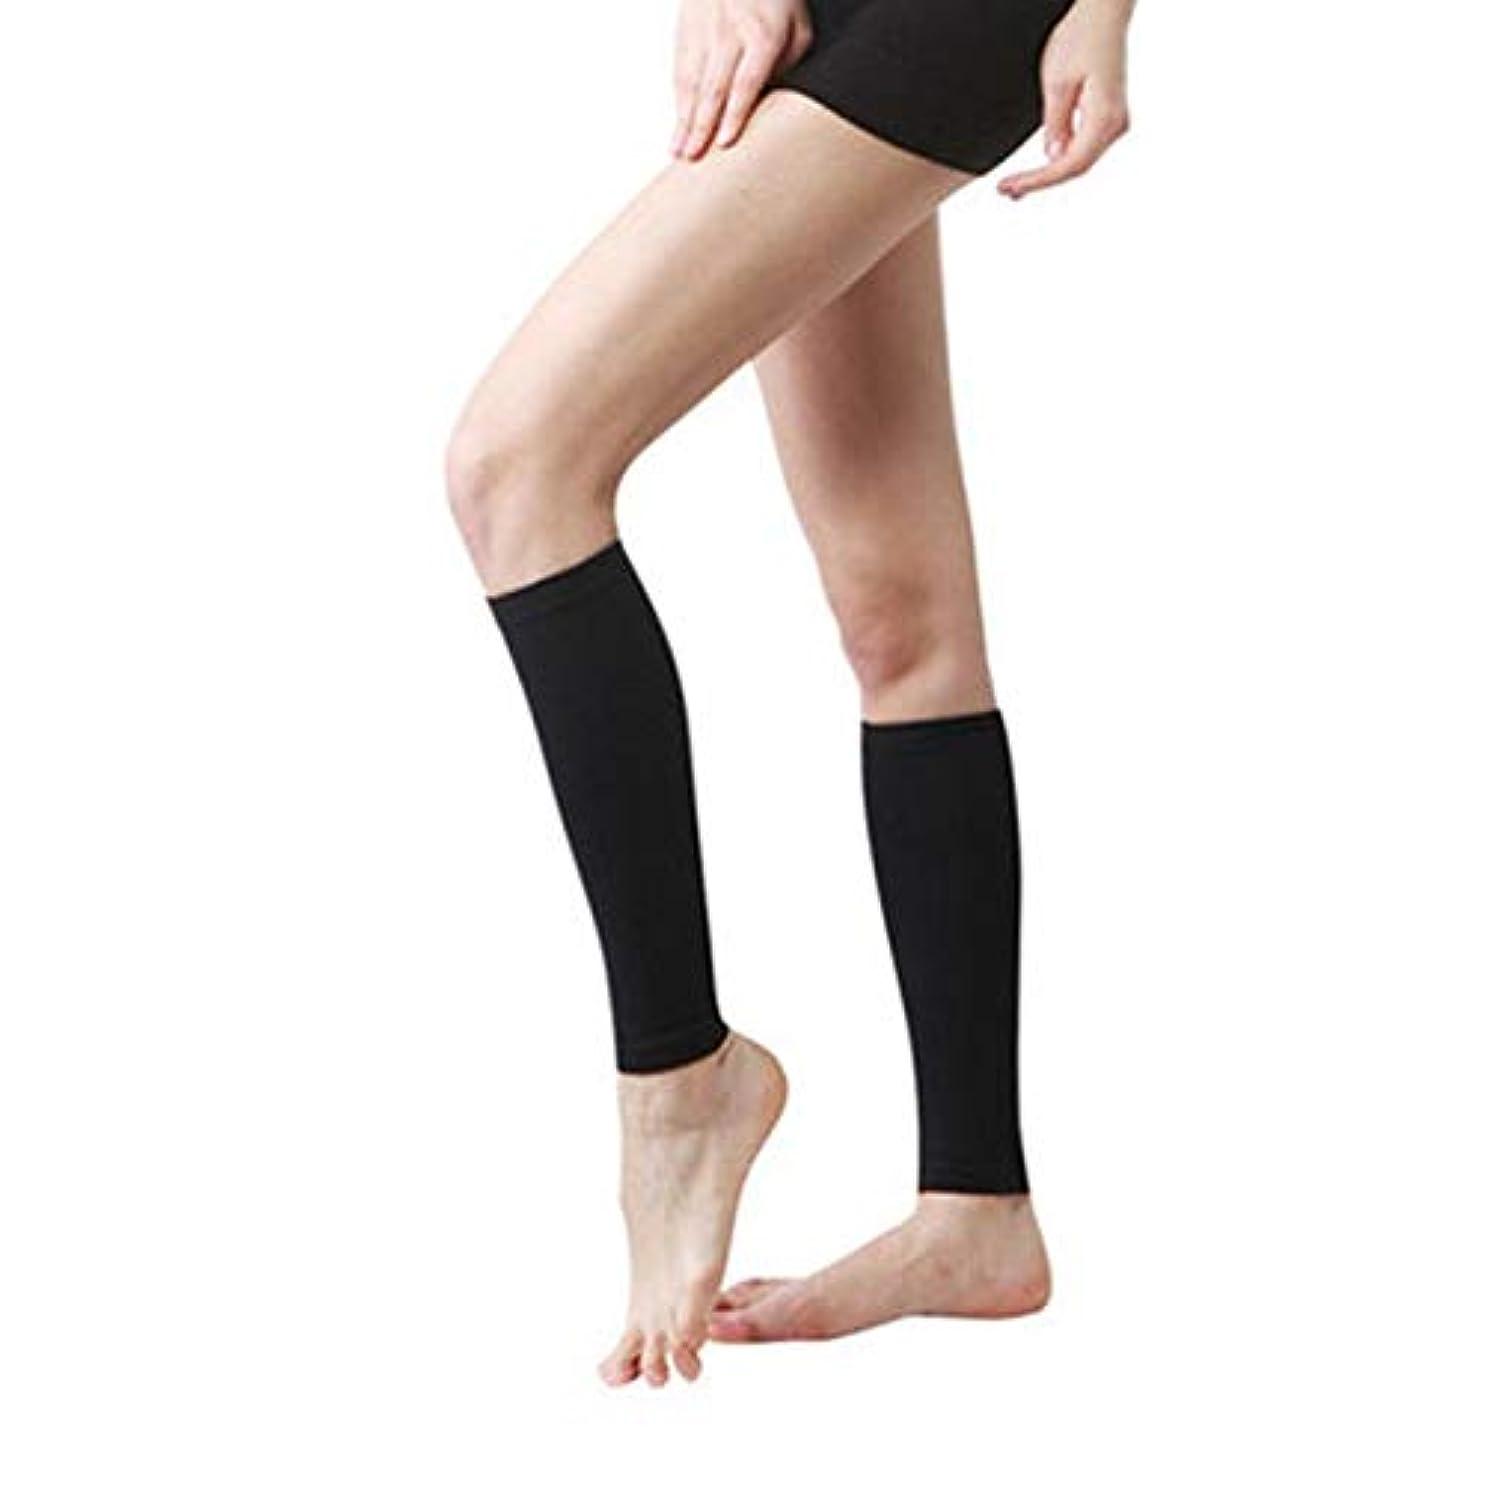 付録ブランク計器丈夫な男性女性プロの圧縮靴下通気性のある旅行活動看護師用シンススプリントフライトトラベル - ブラック